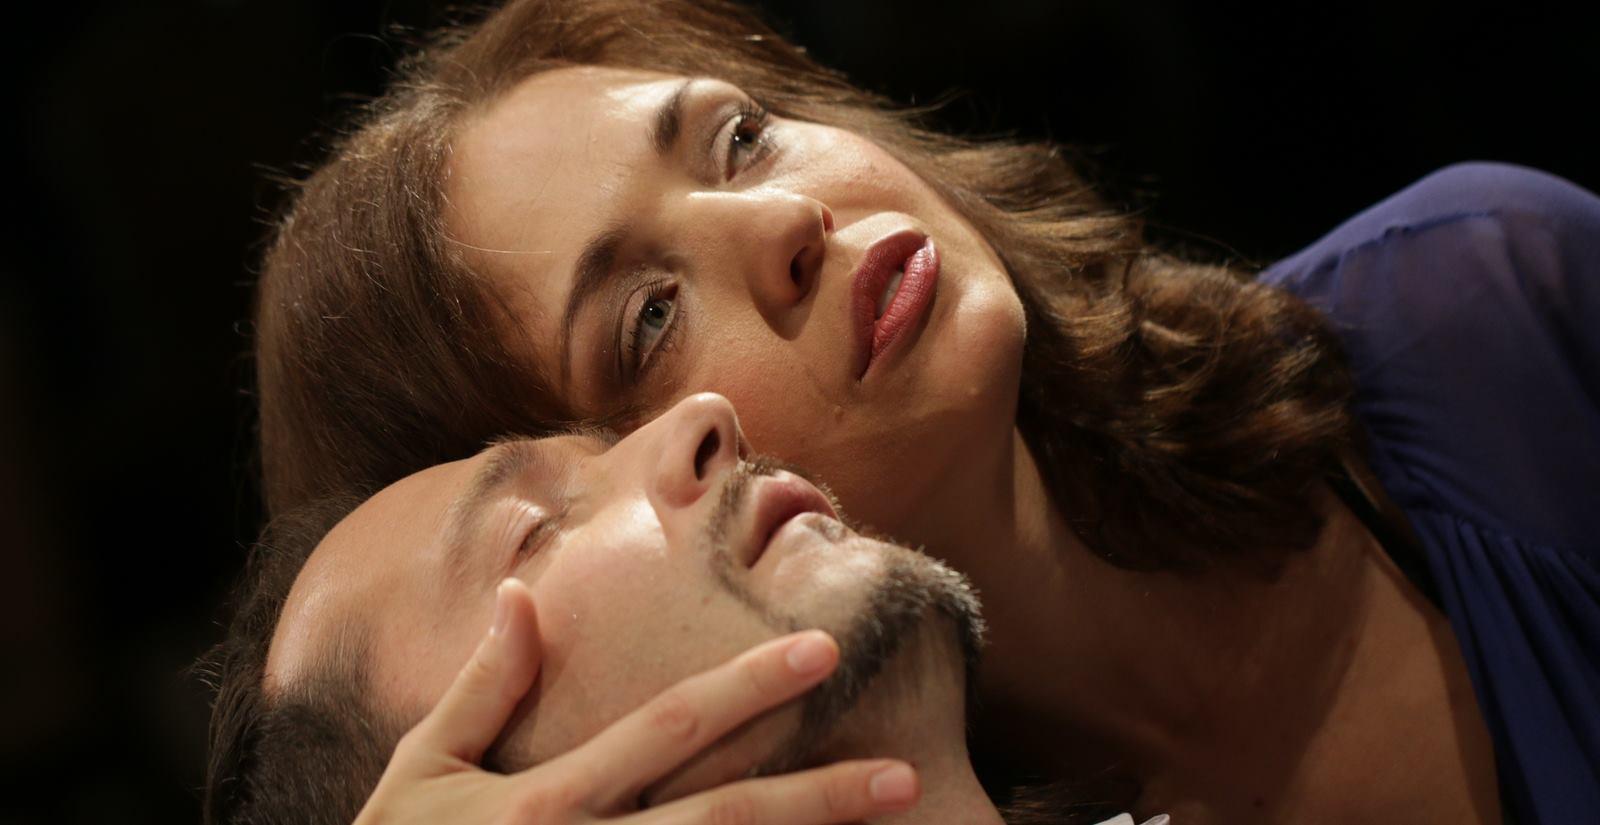 FOTO: VRIJEME JE ZA ROMANTIZAM Premijera opere 'Werther' na sceni HNK Ivana pl. Zajca (3. listopada)